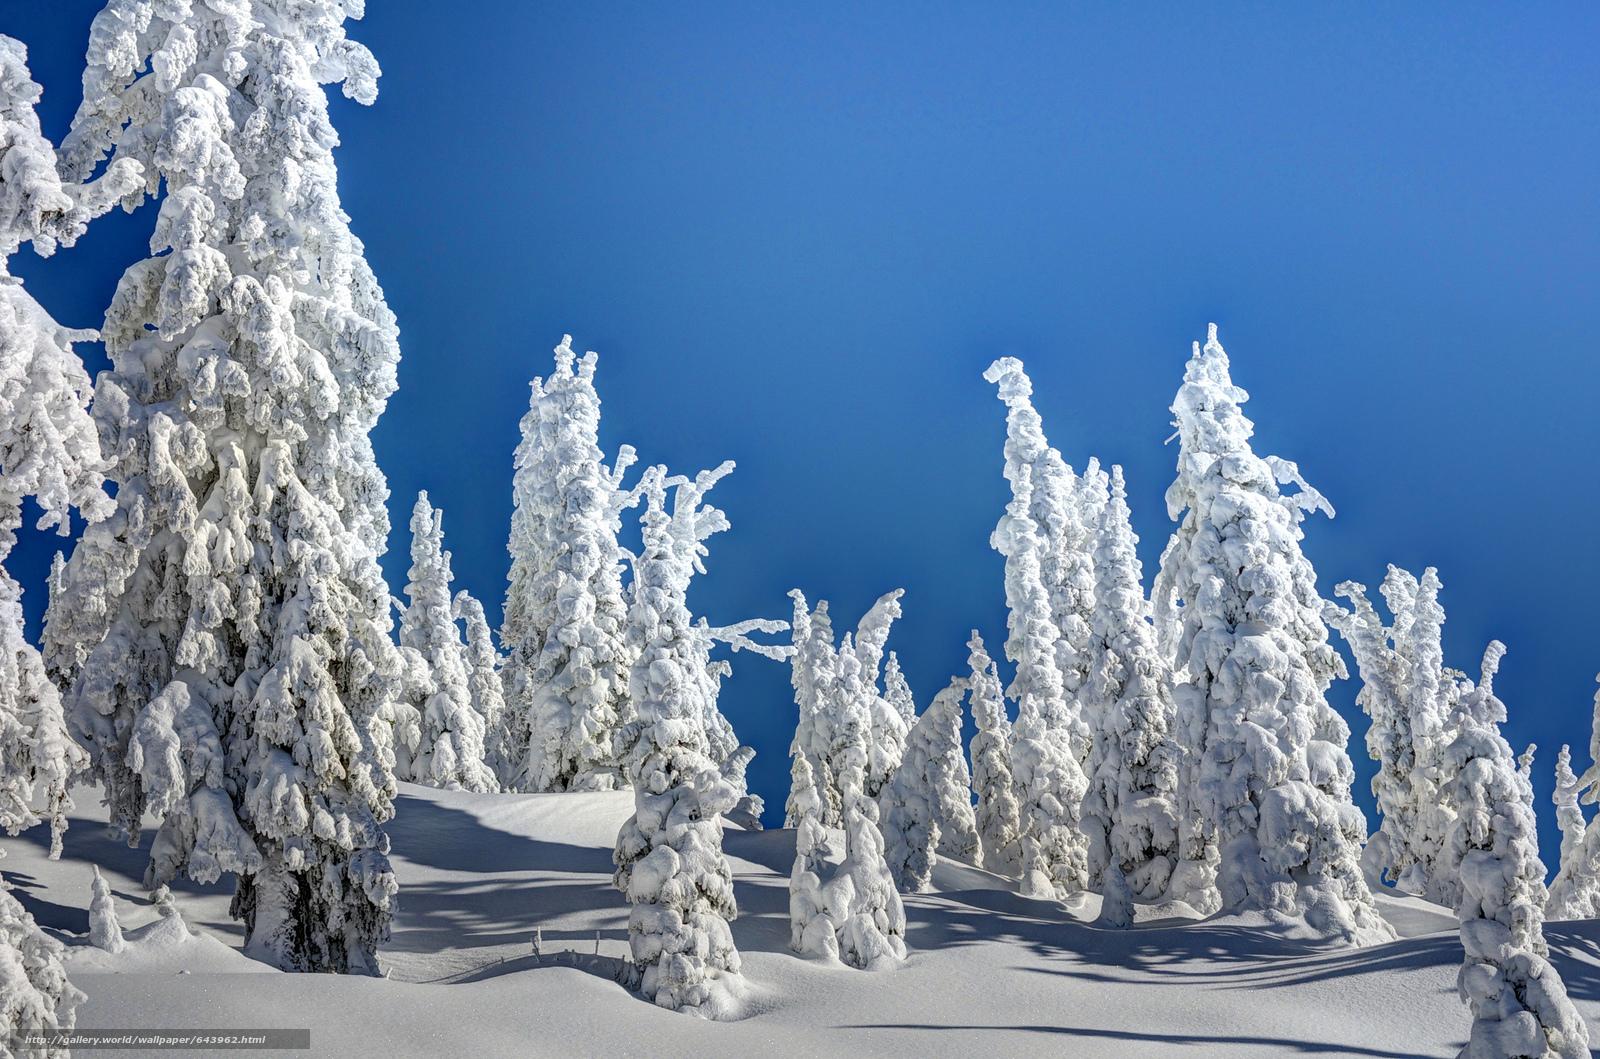 Tlcharger Fond d'ecran hiver,  coucher du soleil,  neige,  arbres Fonds d'ecran gratuits pour votre rsolution du bureau 2048x1356 — image №643962